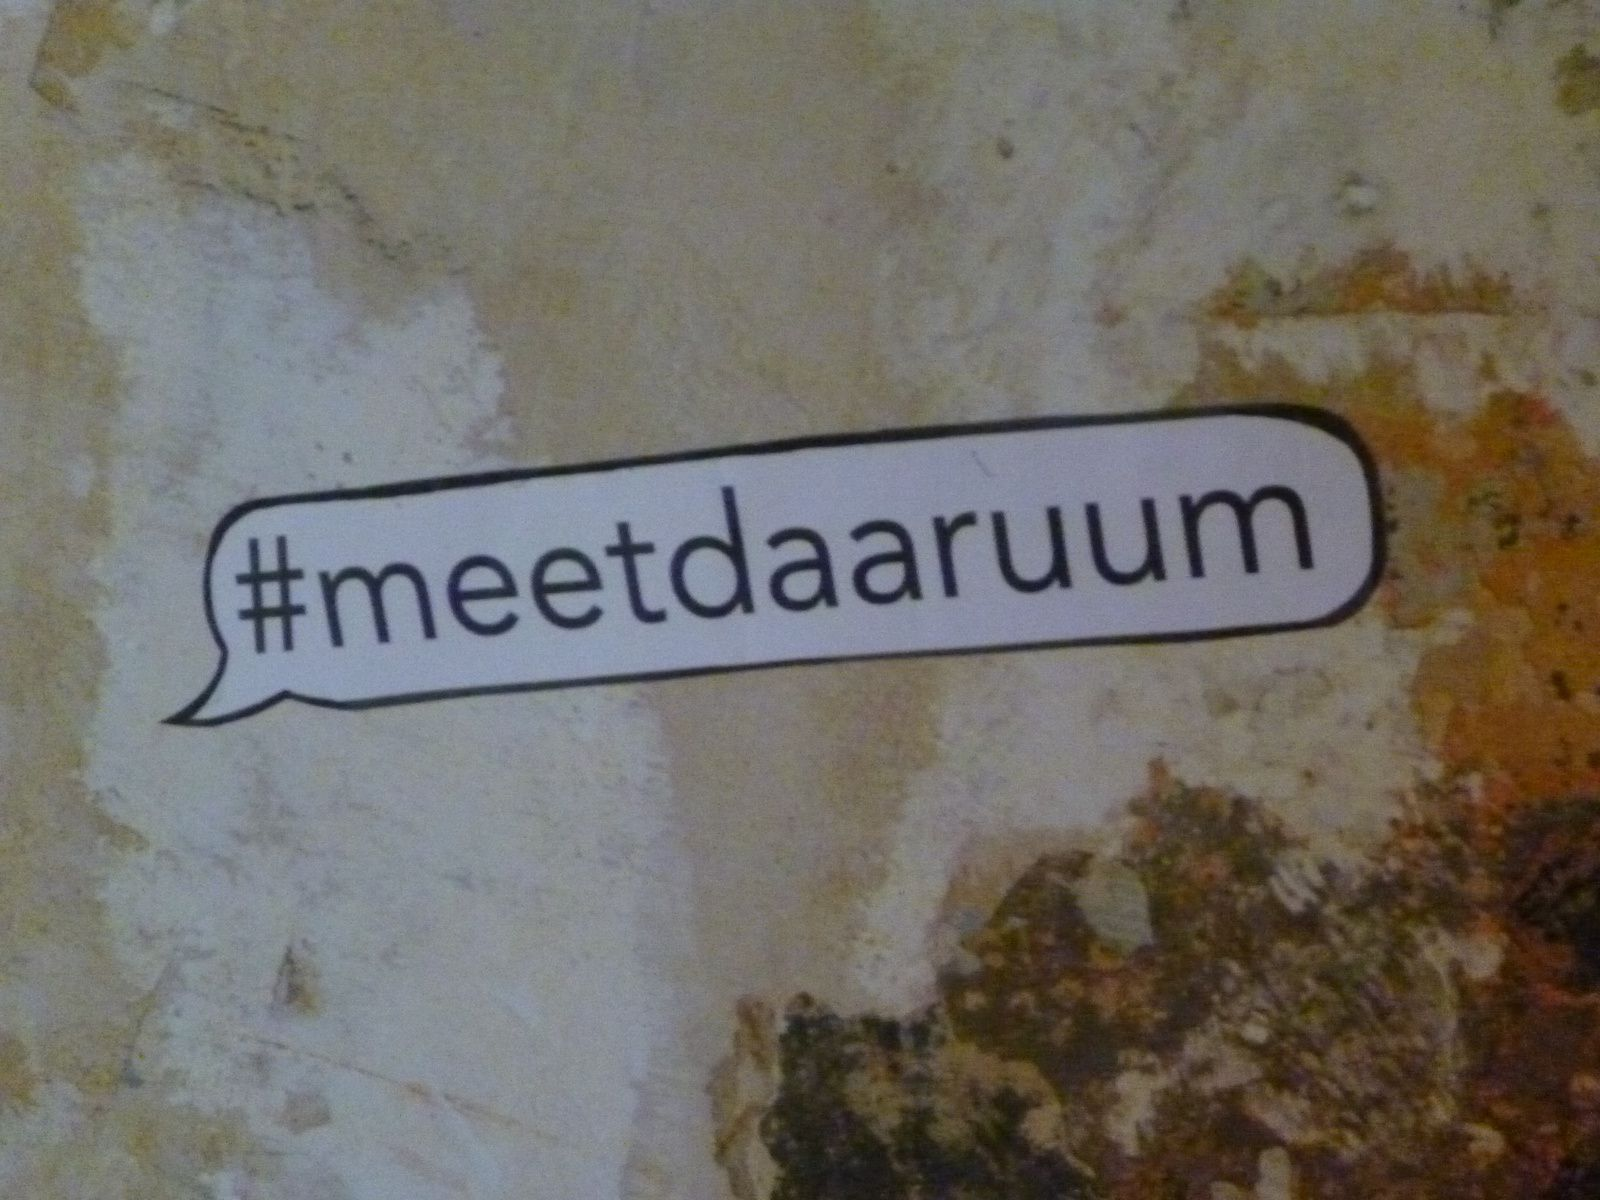 #meetdaaruum